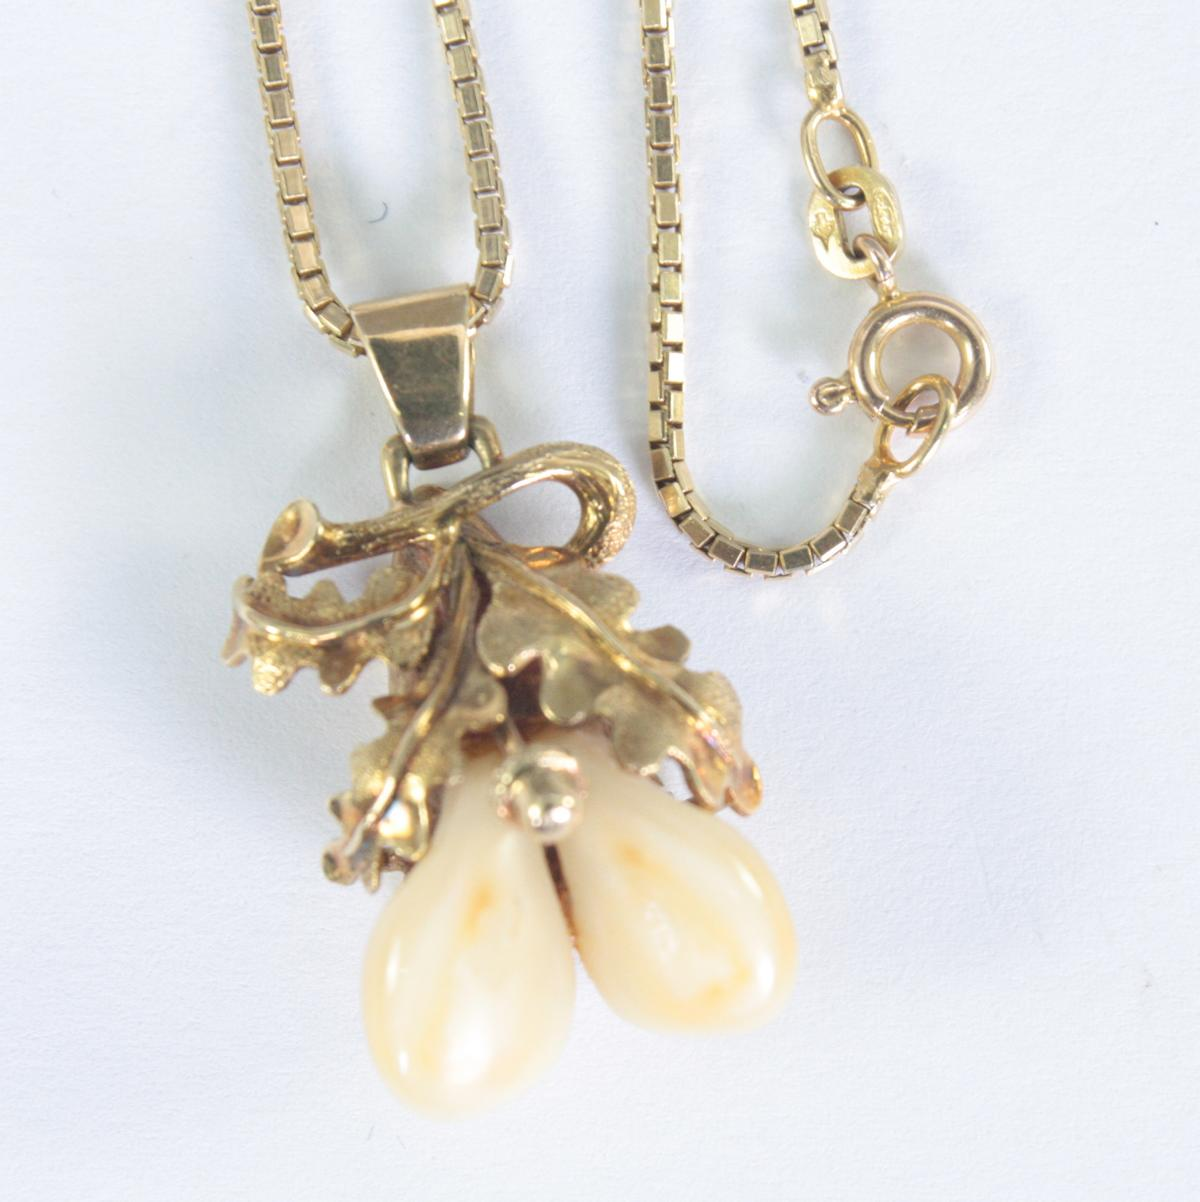 Halskette mit Grandelanhänger, 14 Karat Gelbgold-2